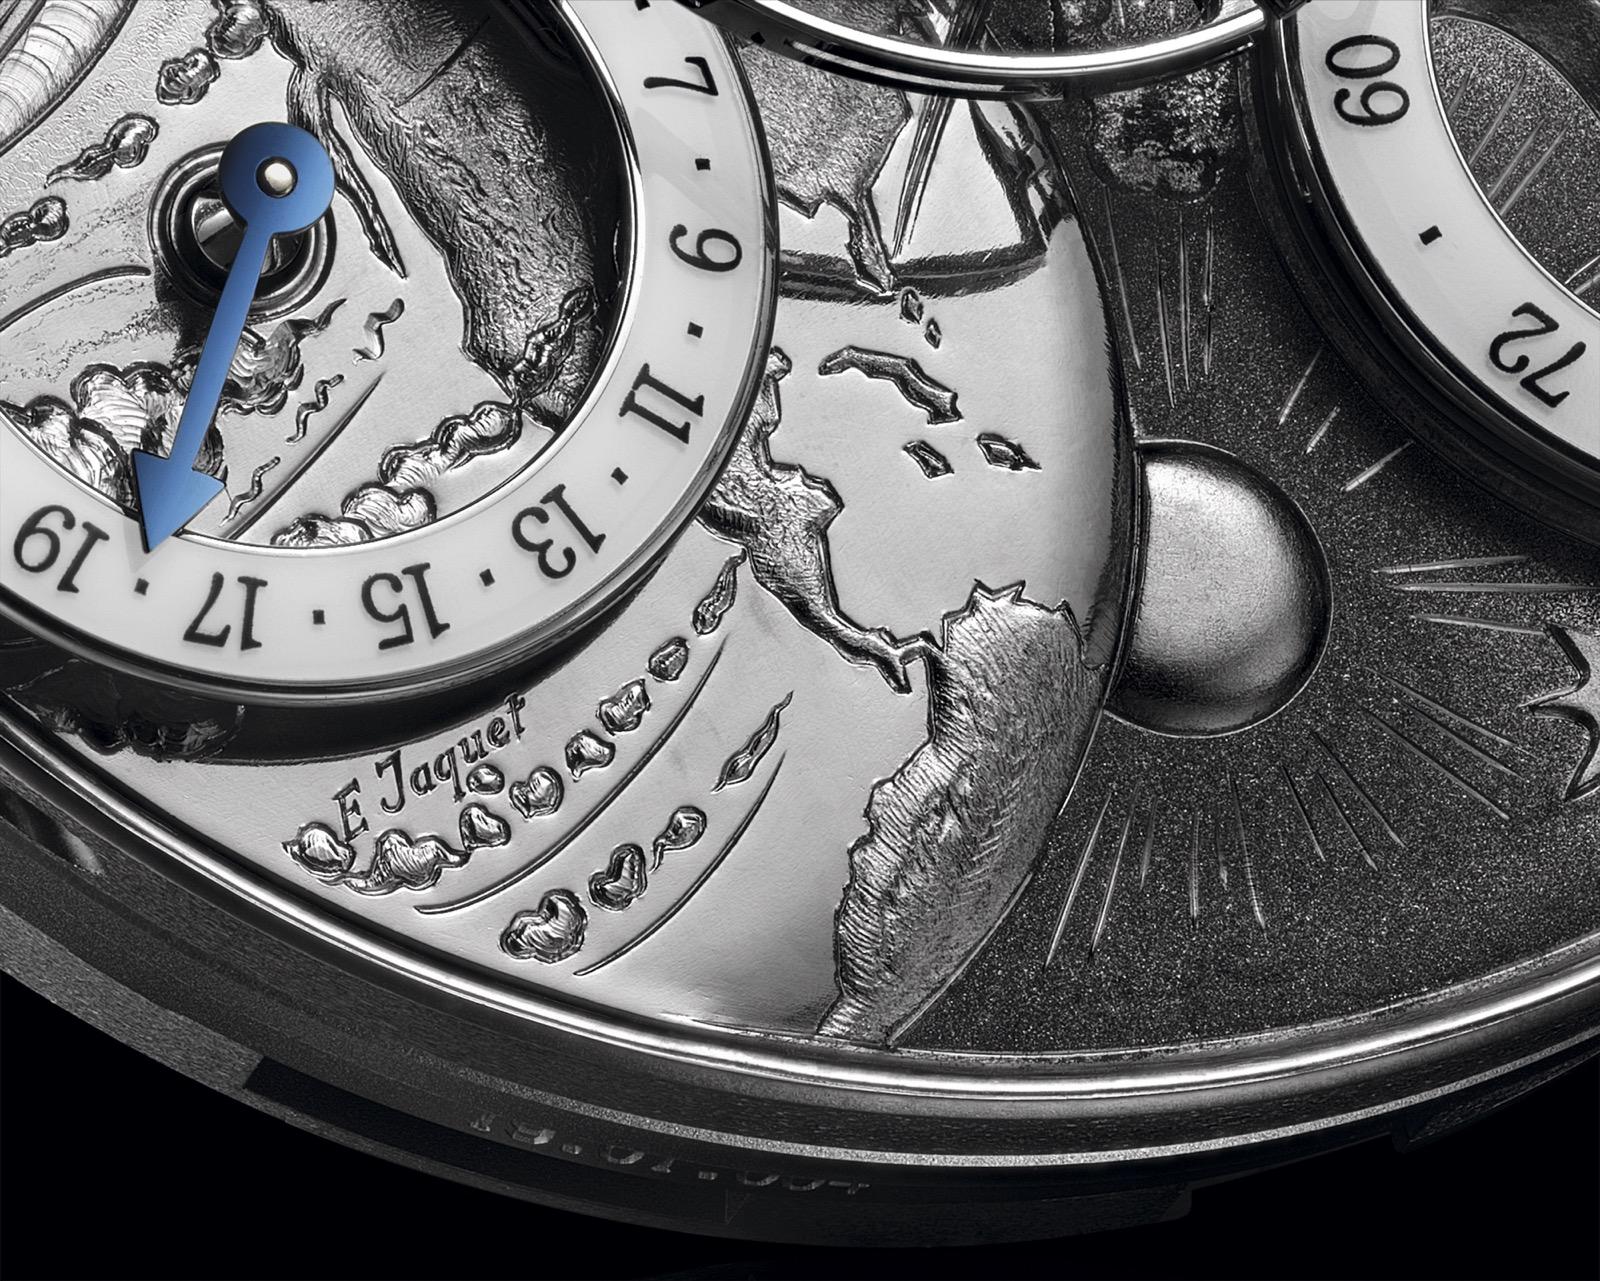 MB&F x Eddy Jaquet Legacy Machine Split Escapement Jules Verne